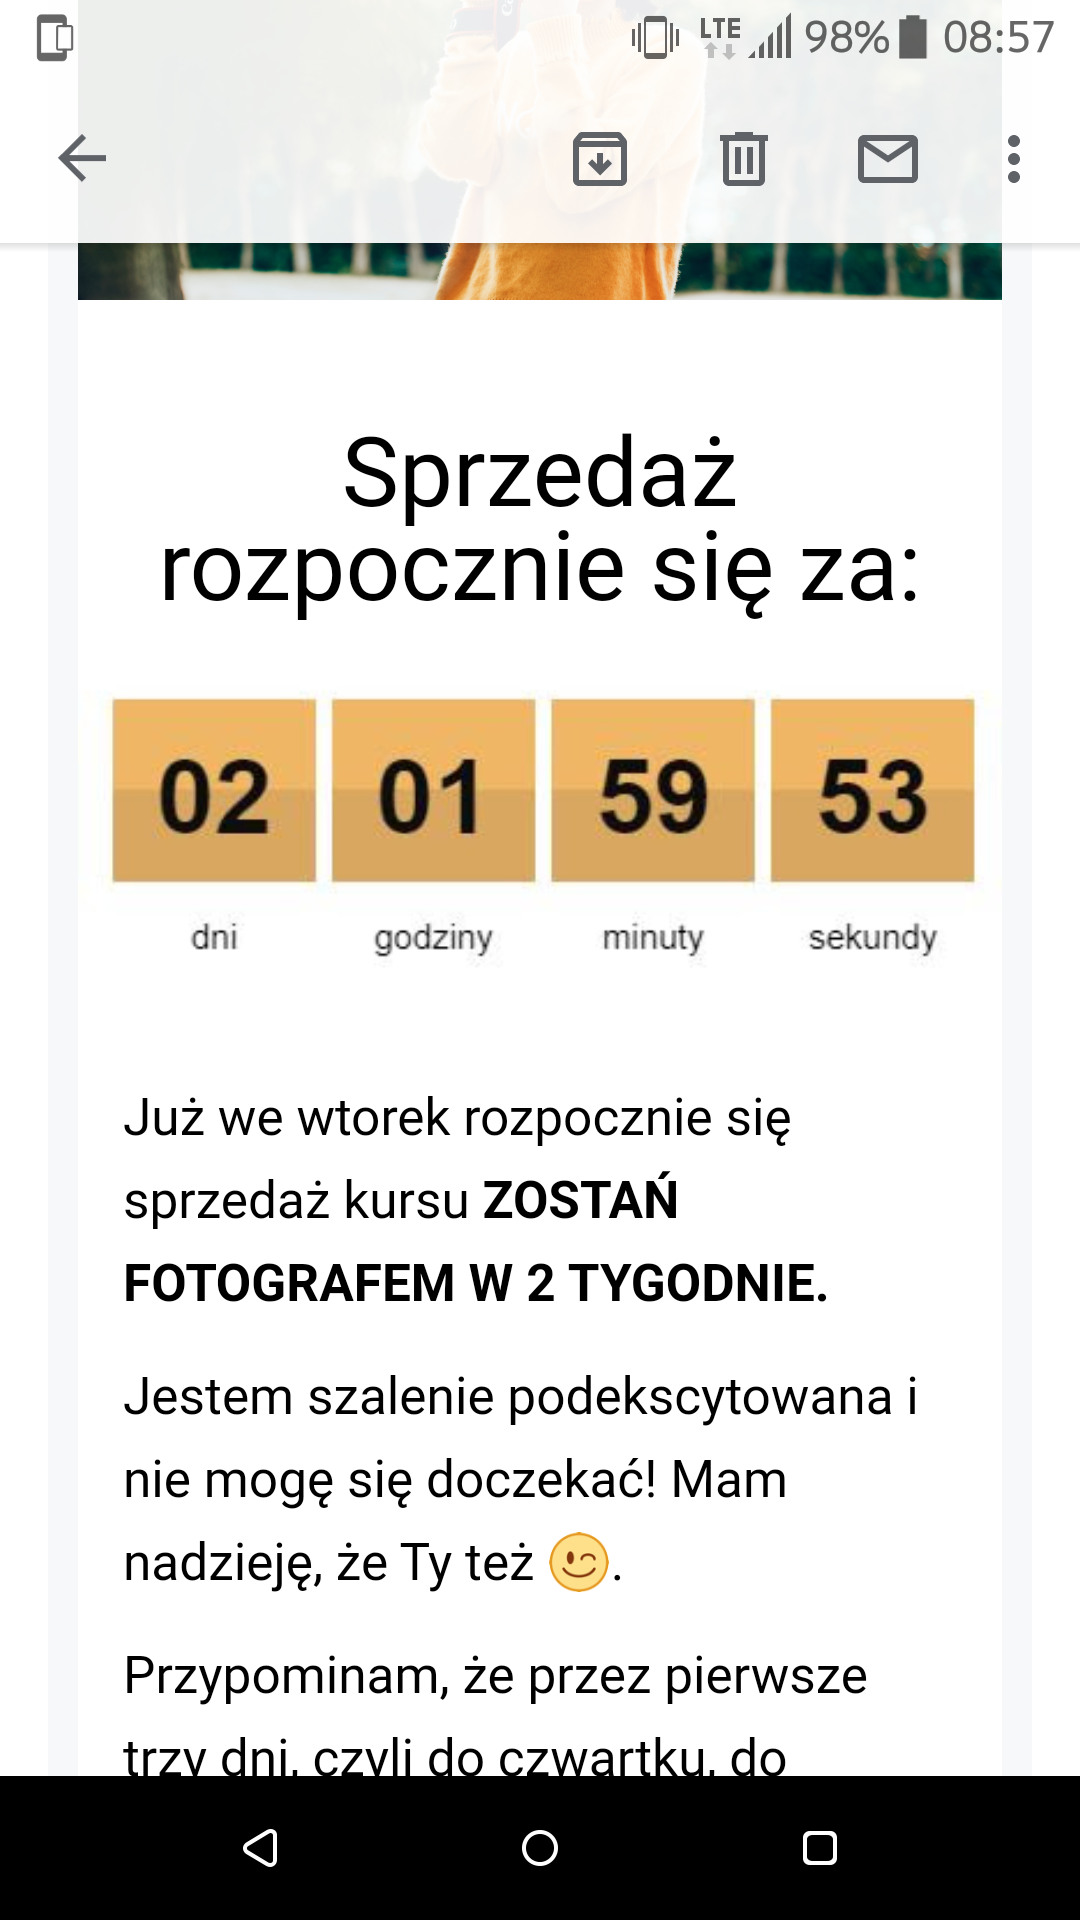 Jak wykorzystać licznik betimes.pl - licznik w mailu